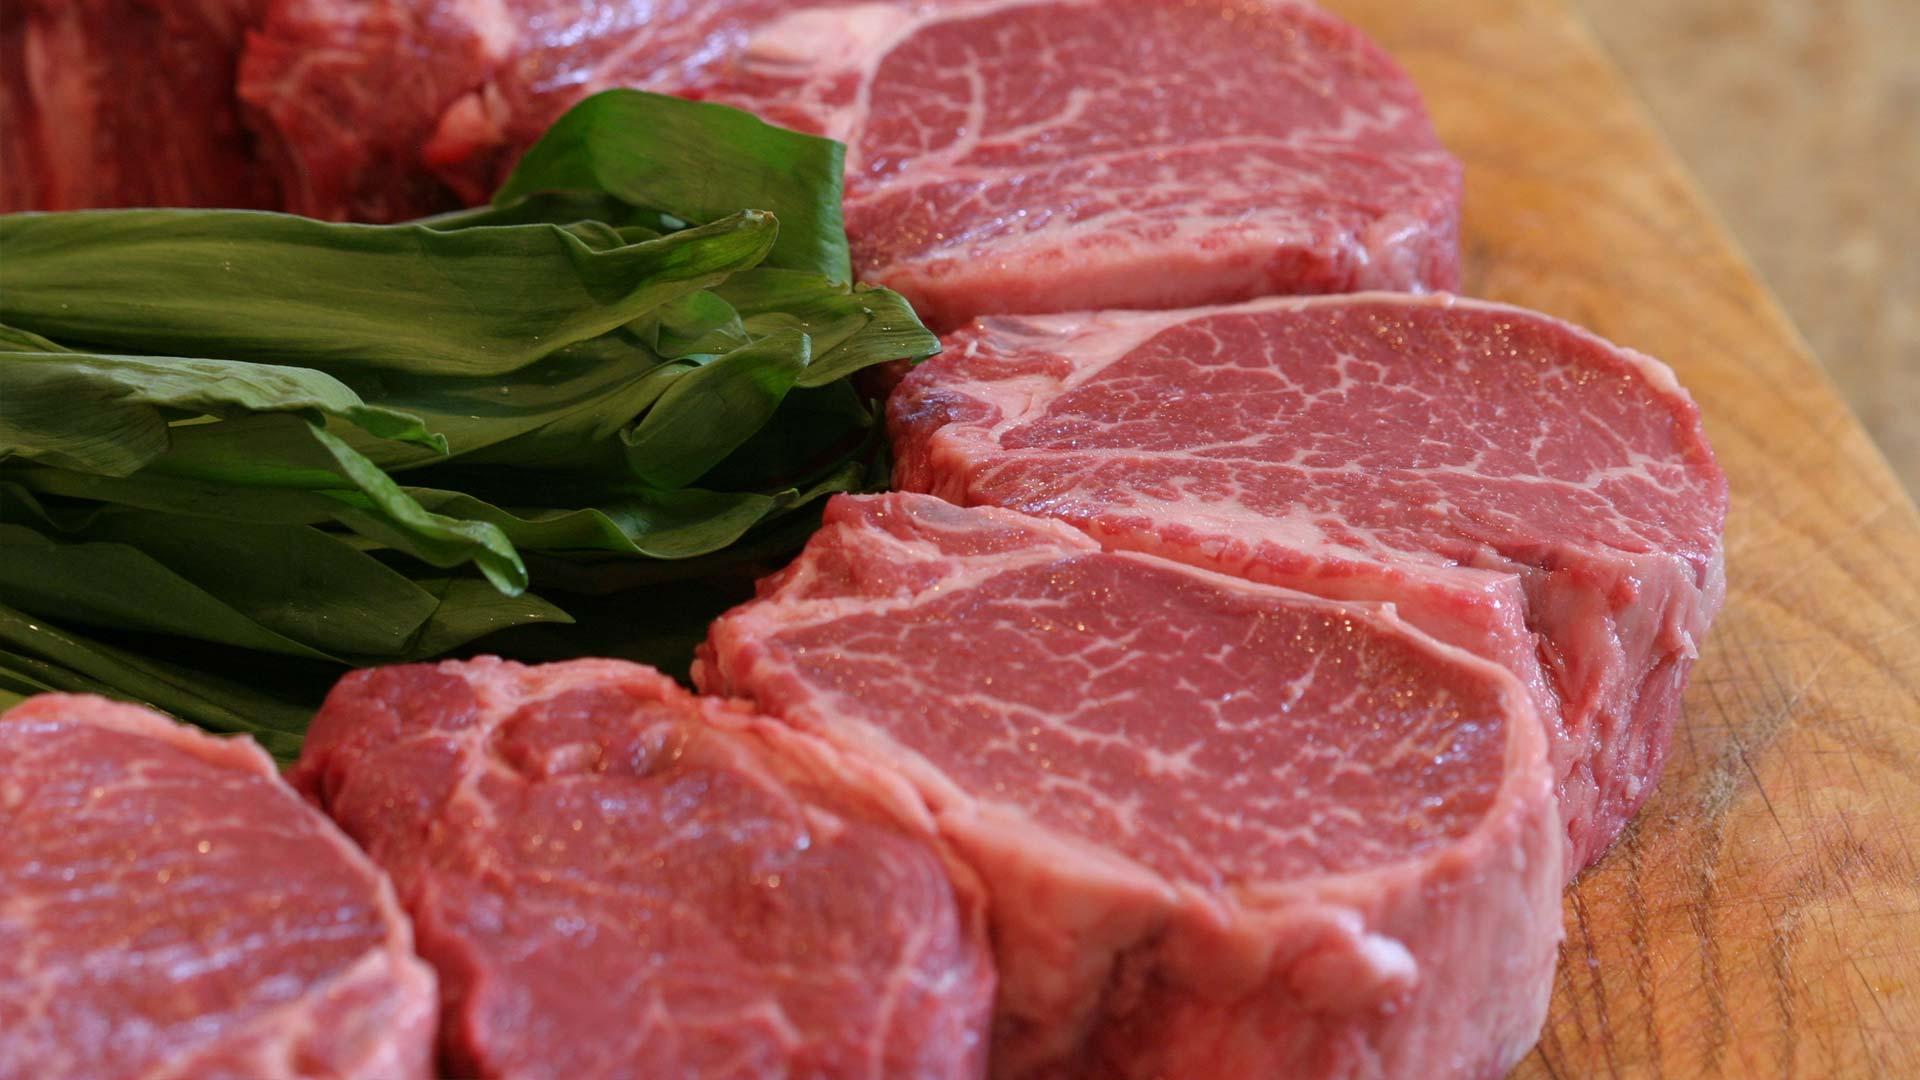 Большой ассортимент мясных полуфабрикатов и свежемороженого мяса